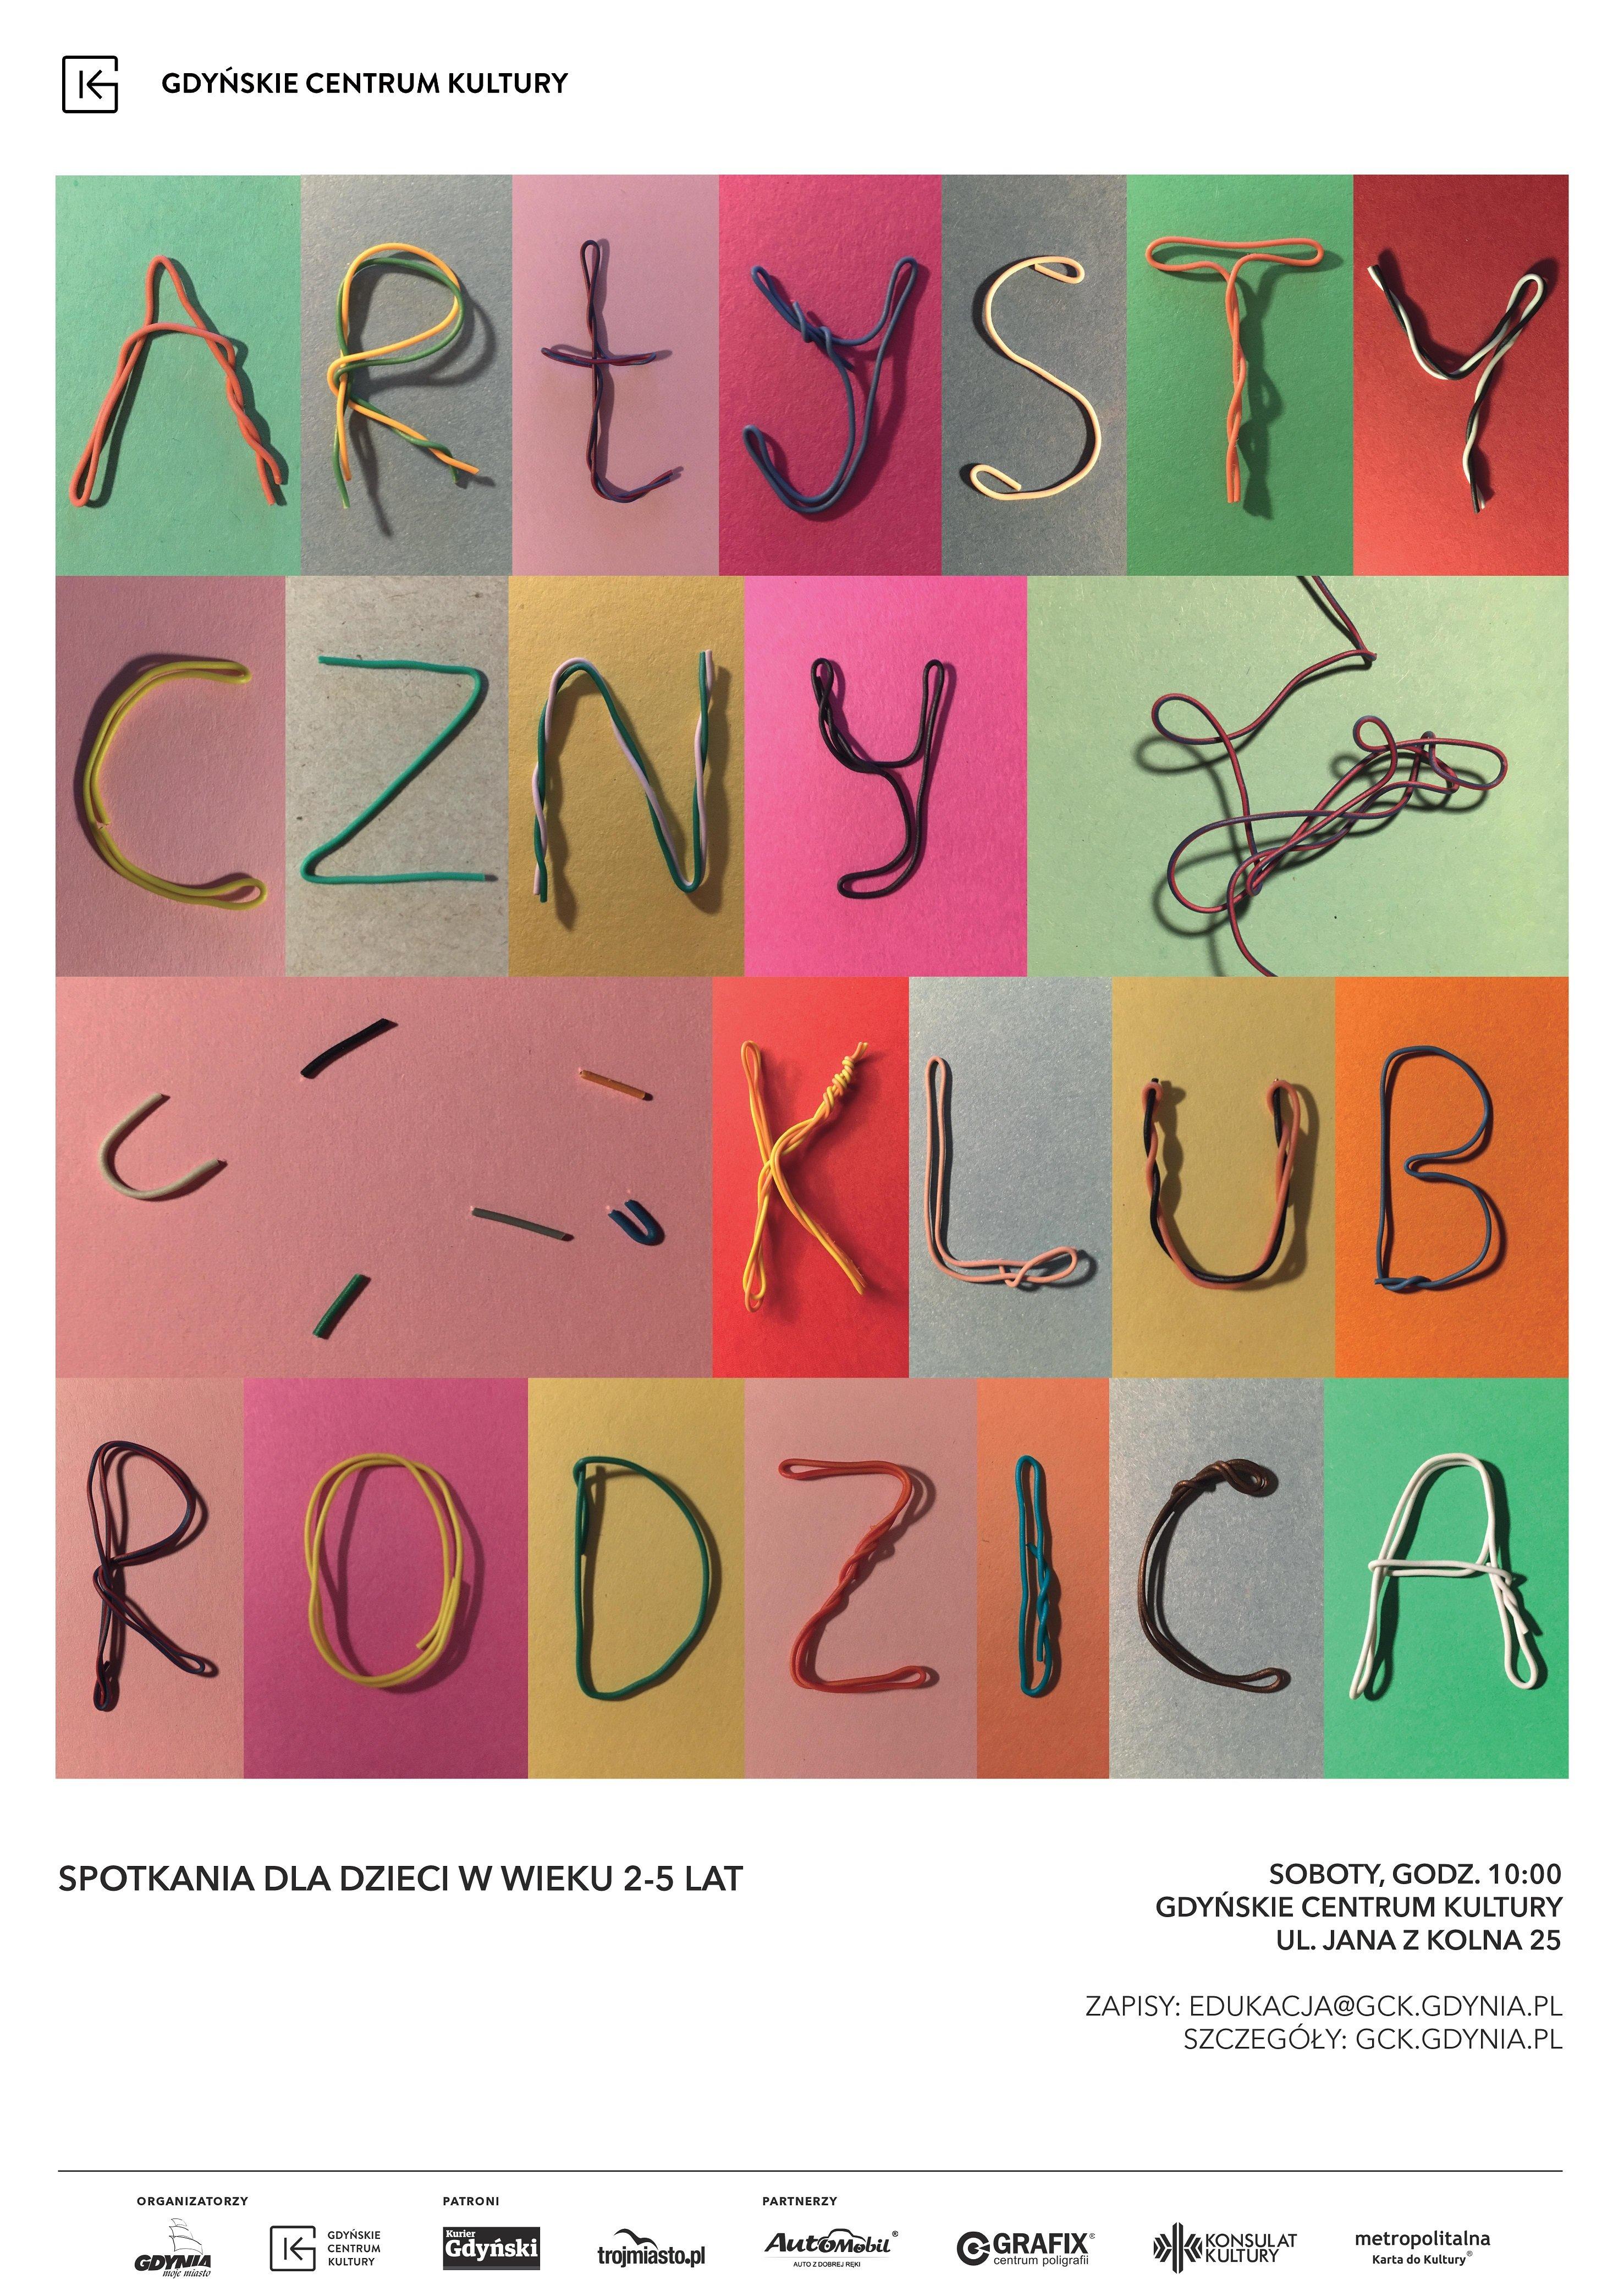 Gimnastyka buzi i języka - Artystyczny Klub Rodzica